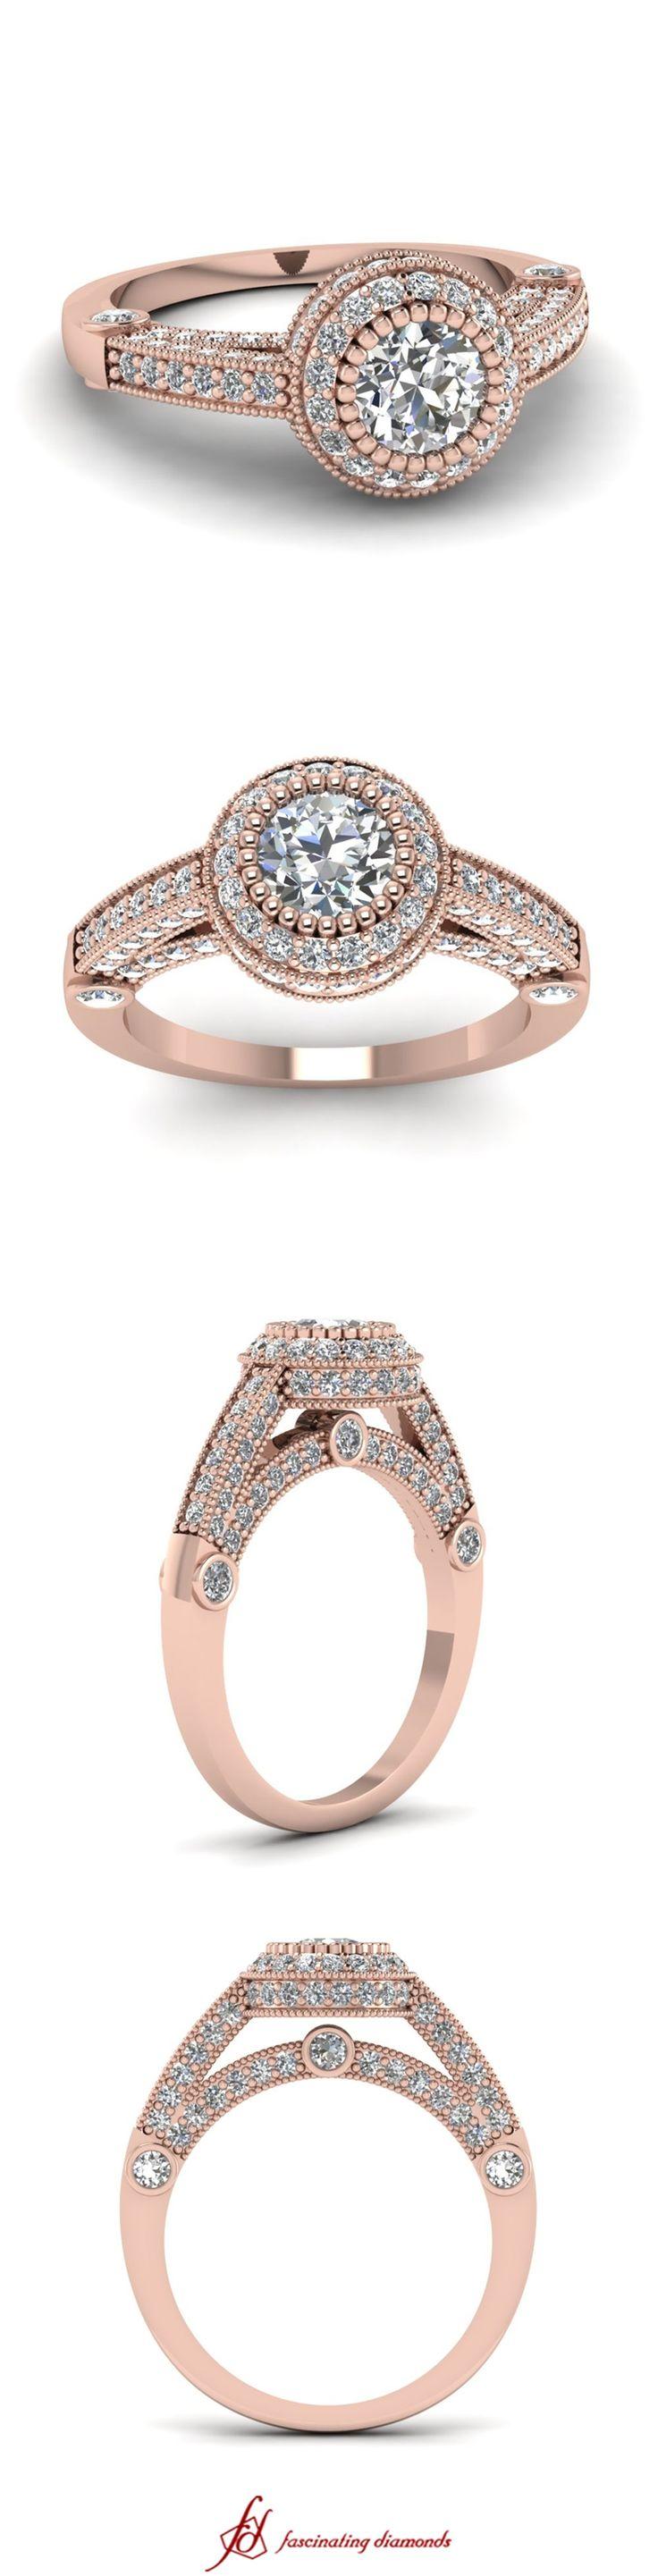 Best 25 Round cut diamond ideas on Pinterest